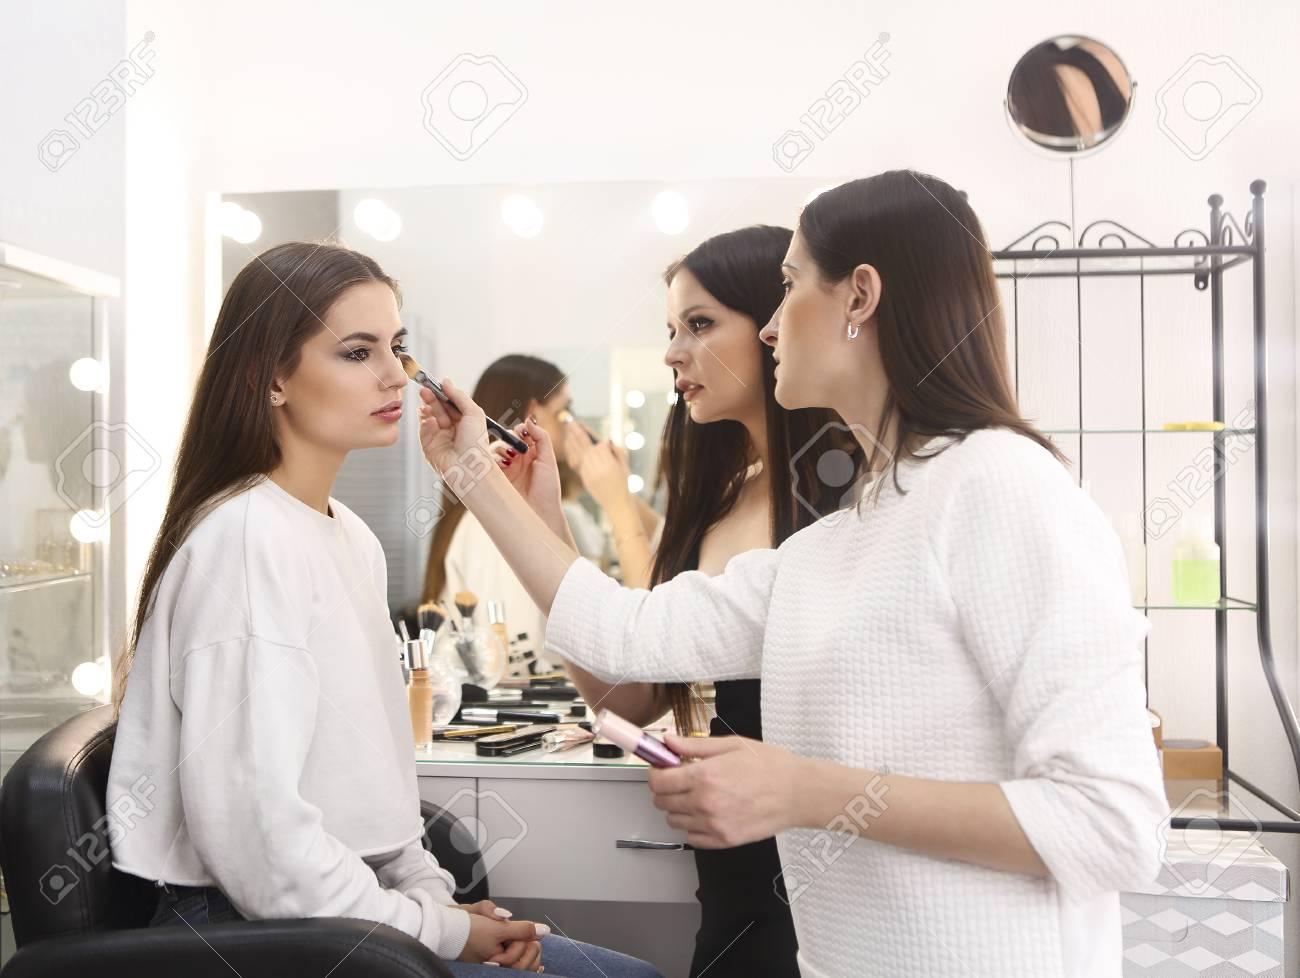 آموزشگاه آرایشگری صادقیه ، آموزشگاه ارایش و پیرایش ، آموزشگاه آرایشگری بانو شفیعی